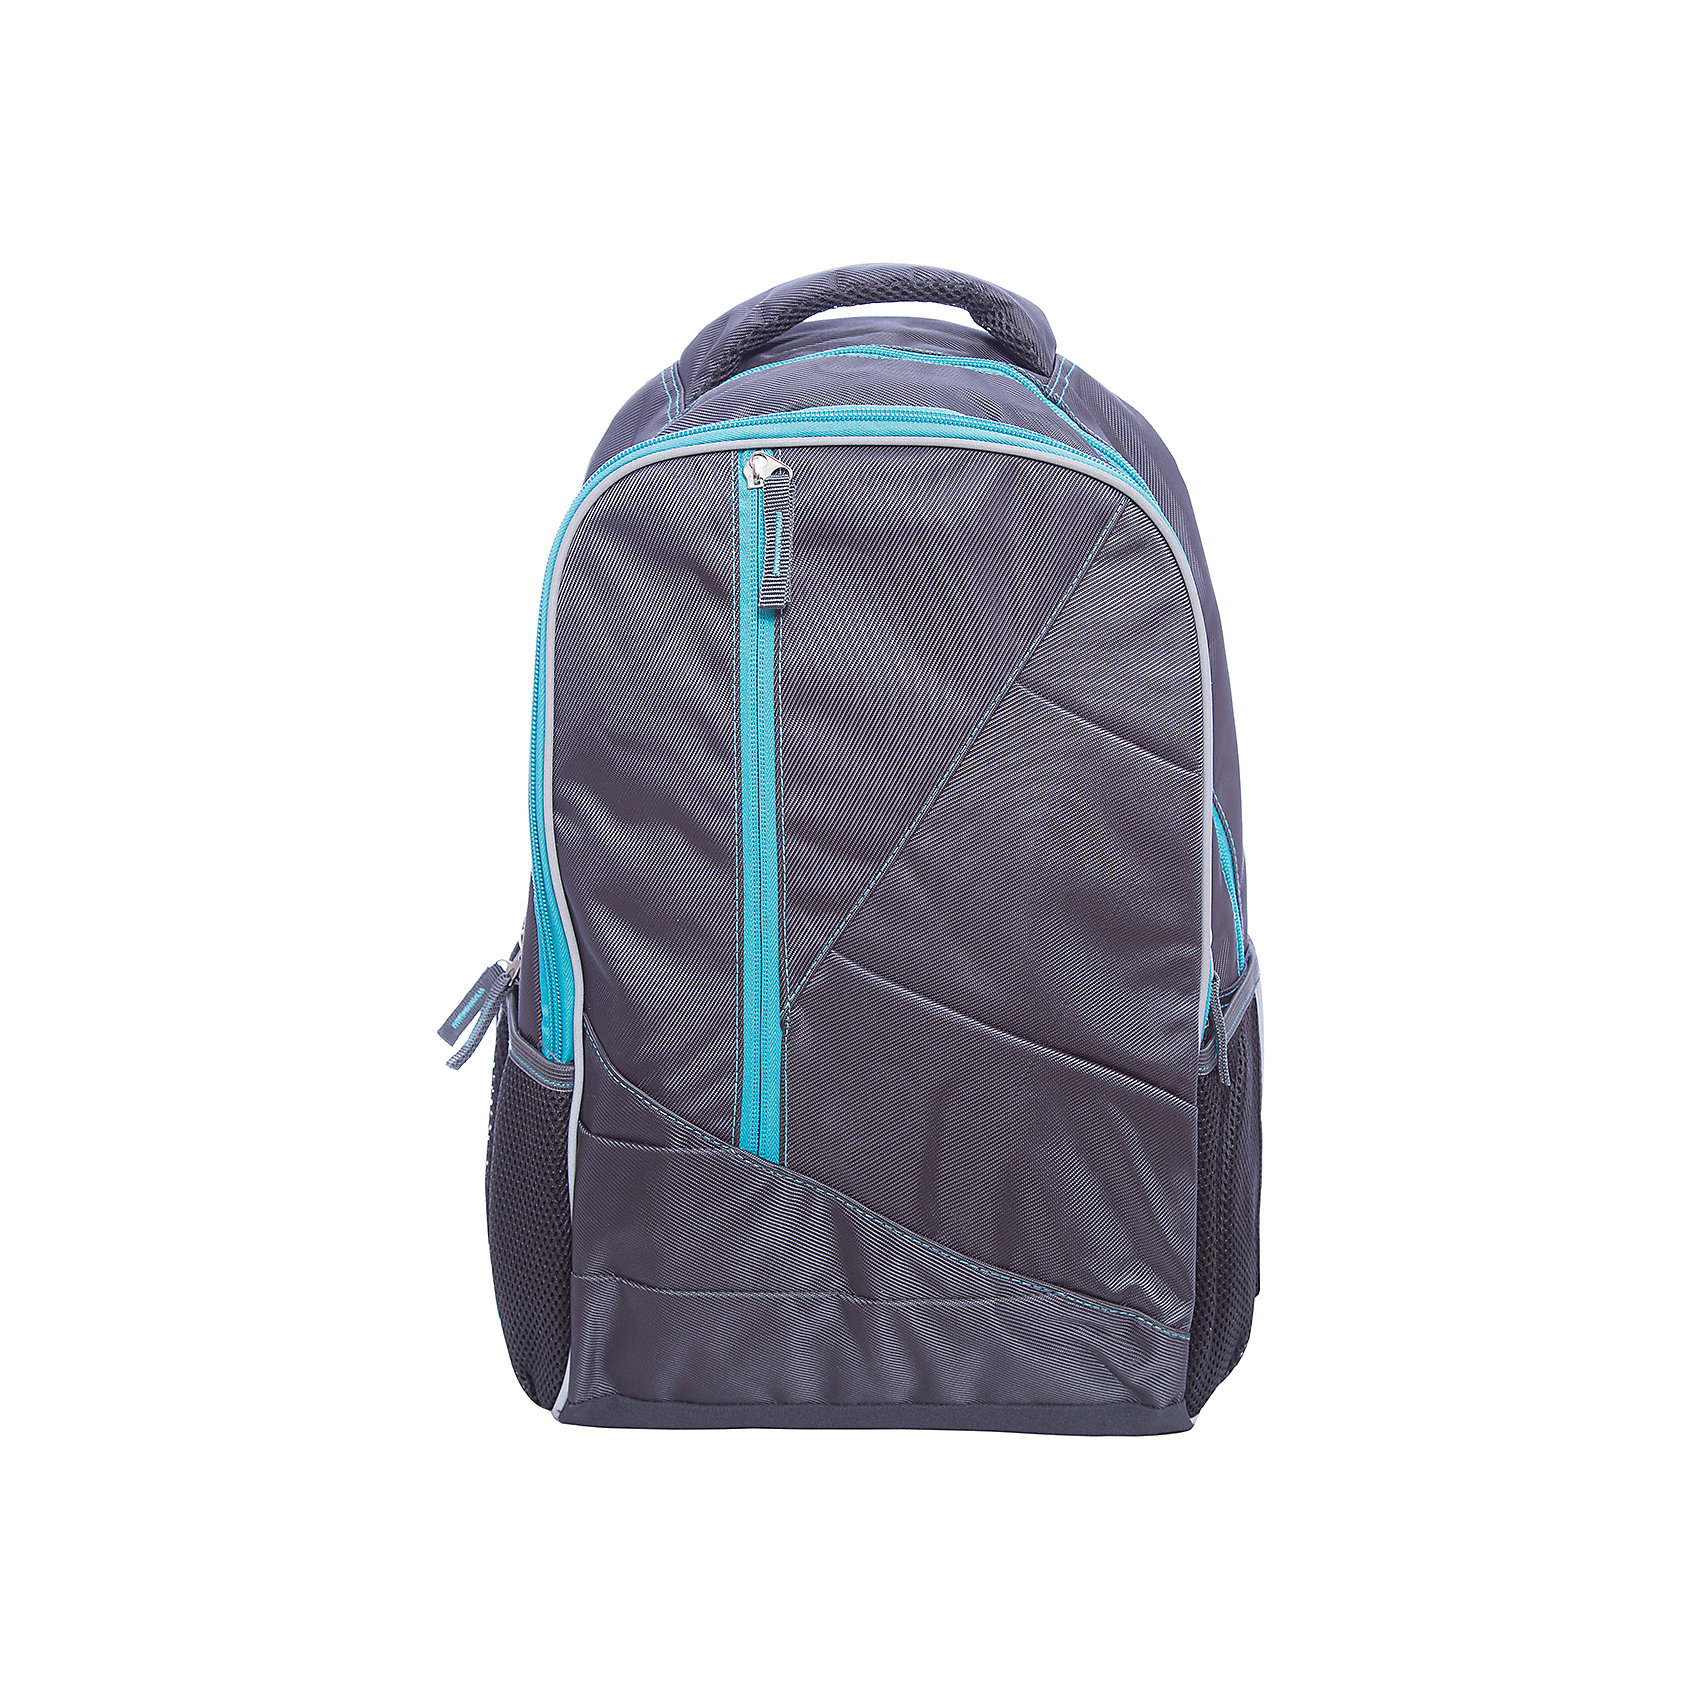 Рюкзак спортивный, серыйДорожные сумки и чемоданы<br>Вместительный, удобный рюкзак для Вашего ребенка. У рюкзака одно большое отделение на молнии и три дополнительный кармана спереди, лямки регулируются.<br><br>Дополнительная информация:<br><br>- Возраст: от 6 лет.<br>- Молнии ранца украшены брелками.<br>- Цвет: серый.<br>- Есть светоотражающие элементы.<br>- Материал: 100% полиэстер.<br>- Размер упаковки: 46х31х17 см.<br>- Вес в упаковке: 675 г.<br><br>Купить спортивный рюкзак серого цвета, можно в нашем магазине.<br><br>Ширина мм: 460<br>Глубина мм: 310<br>Высота мм: 170<br>Вес г: 675<br>Возраст от месяцев: 72<br>Возраст до месяцев: 2147483647<br>Пол: Унисекс<br>Возраст: Детский<br>SKU: 4943542